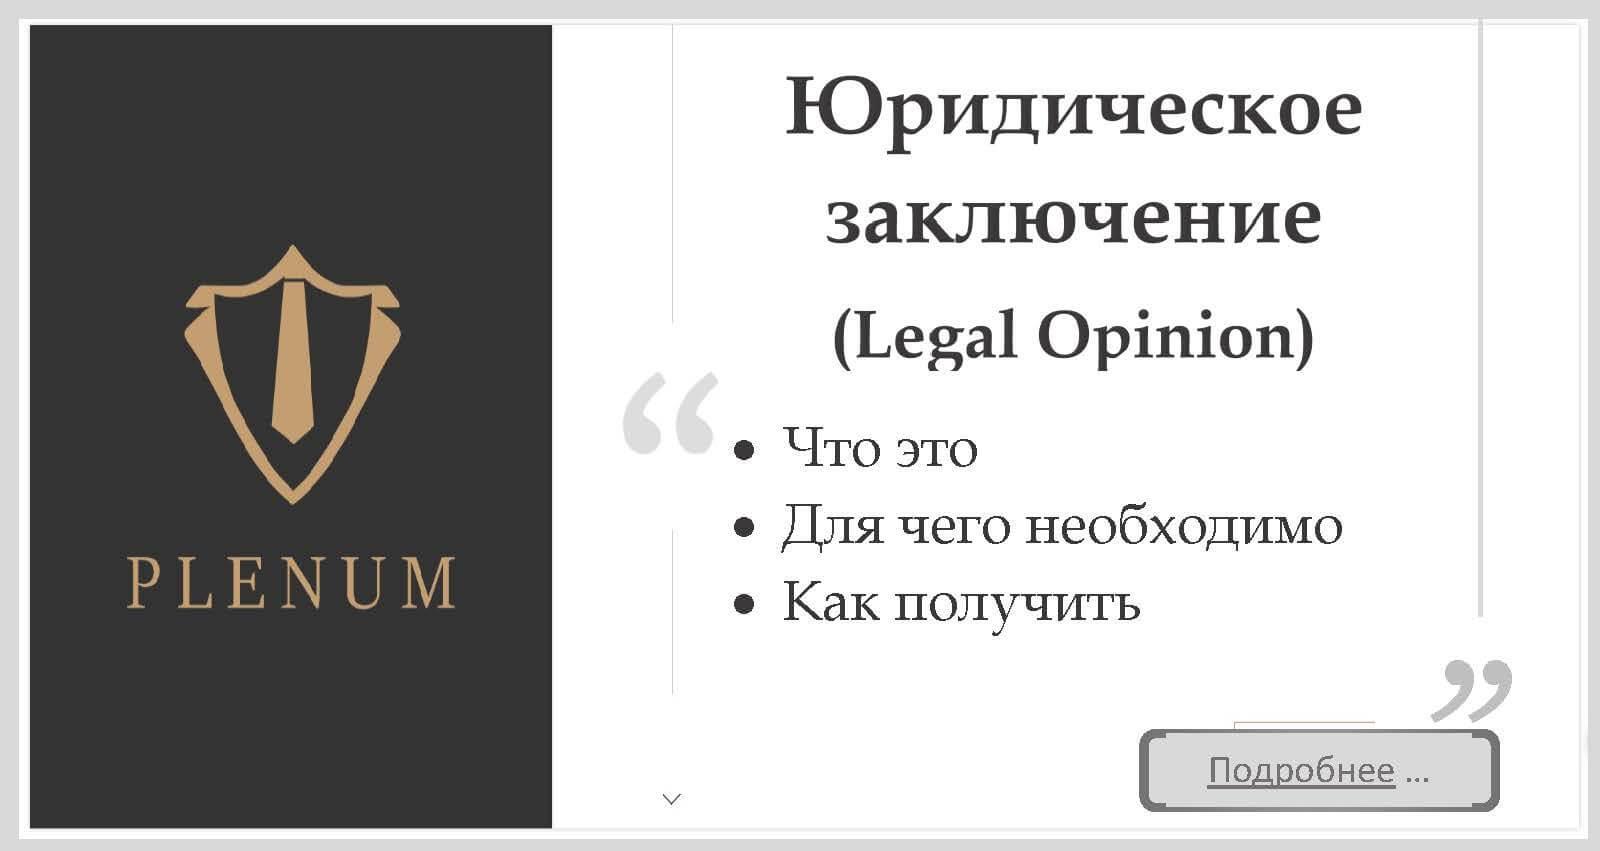 Юридическое заключение (Legal Opinion) в Украине